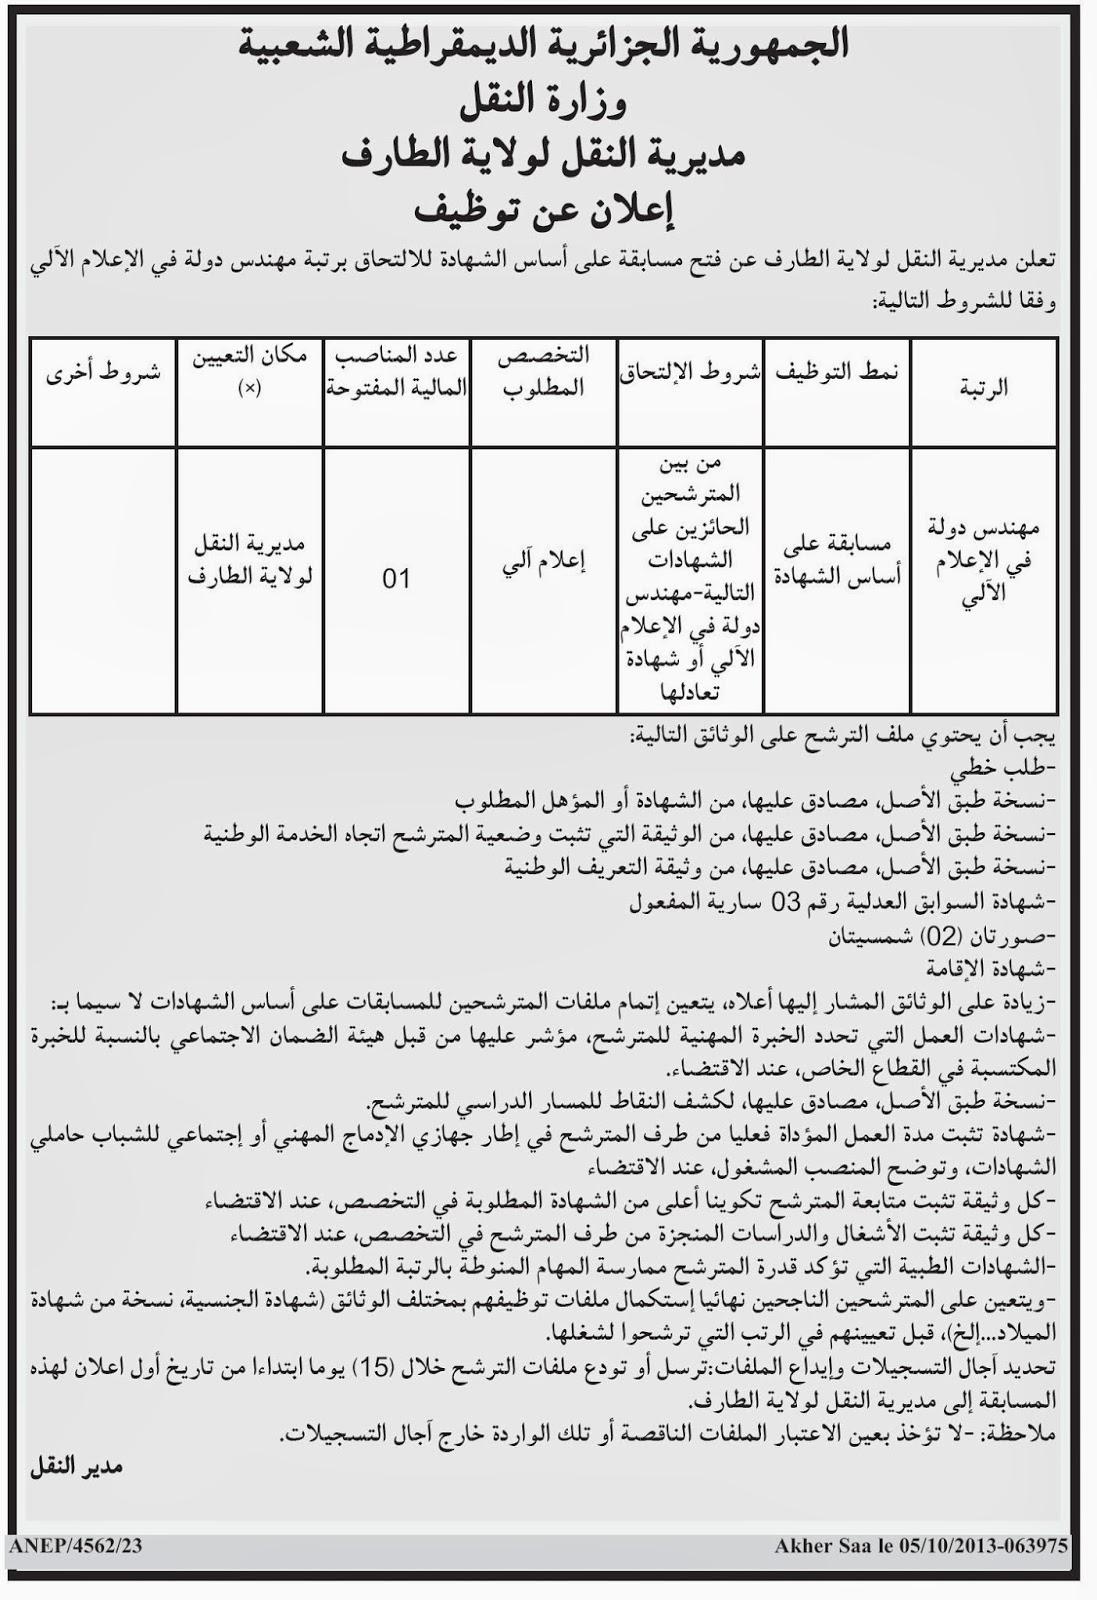 التوظيف في الجزائر : مسابقة توظيف في مديرية النقل لولاية الطارف أكتوبر 2013 Recrutement+a+Taref+2013-2014